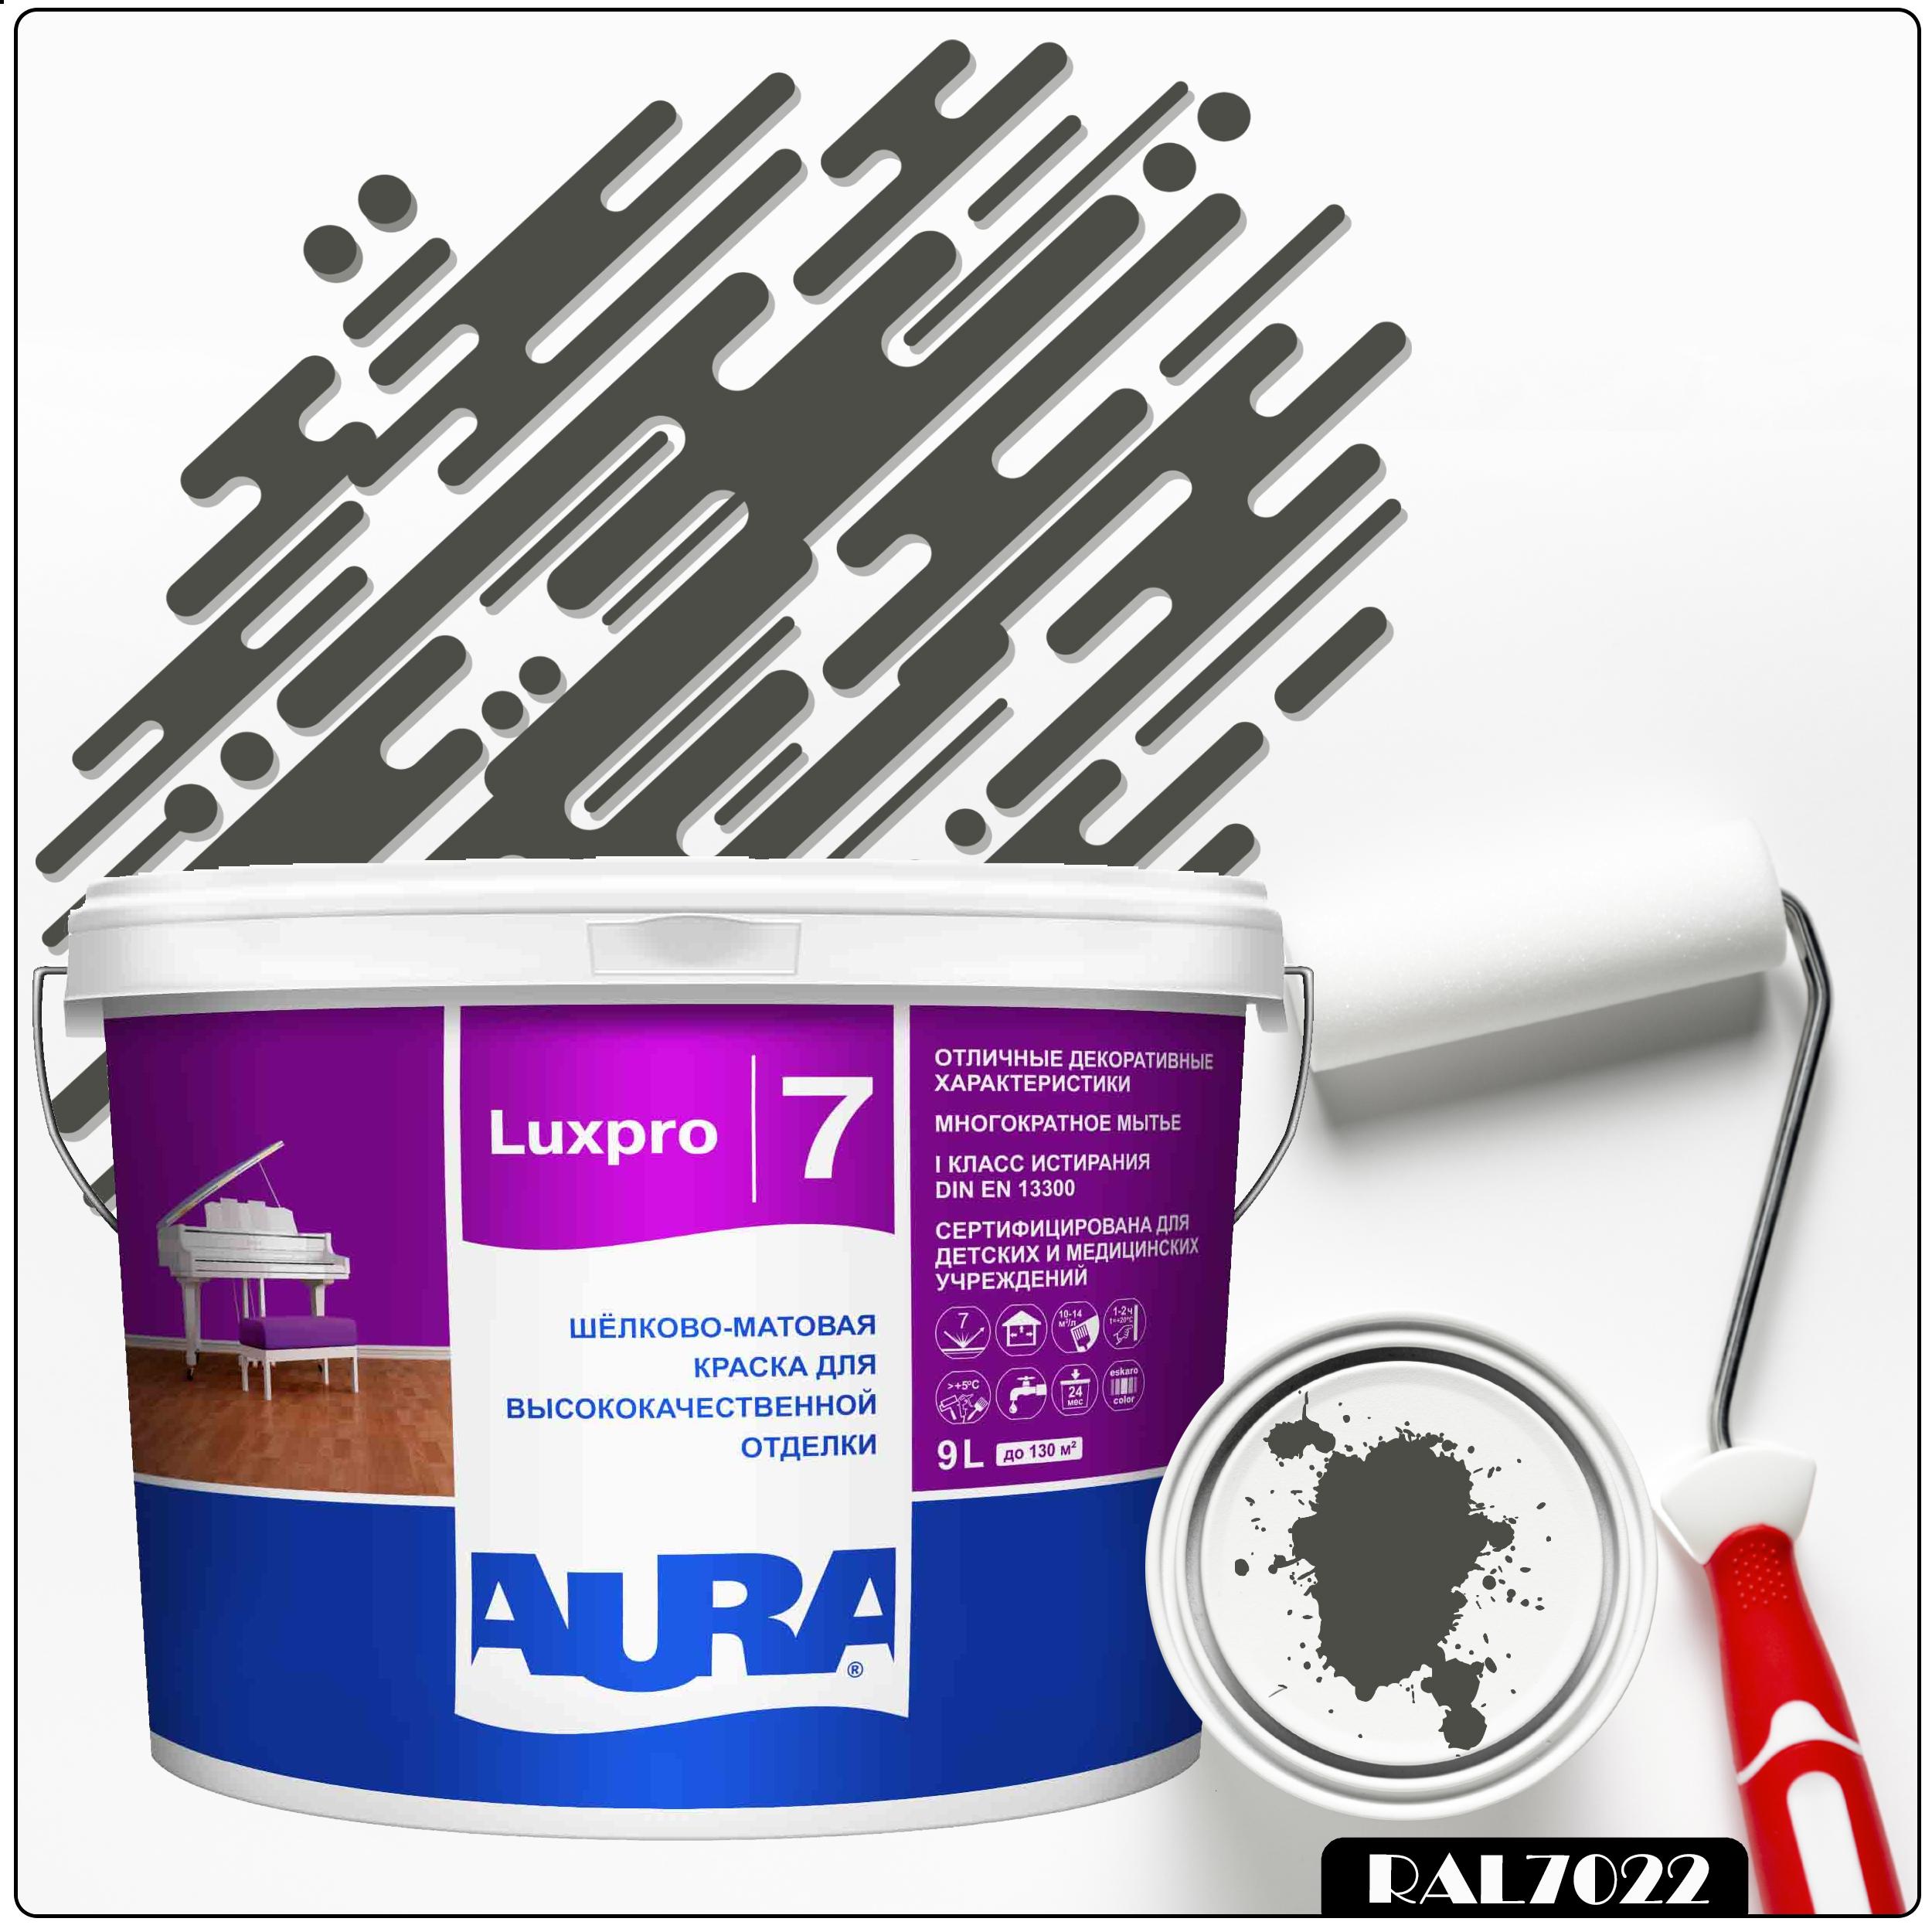 Фото 17 - Краска Aura LuxPRO 7, RAL 7022 Умбра серая, латексная, шелково-матовая, интерьерная, 9л, Аура.